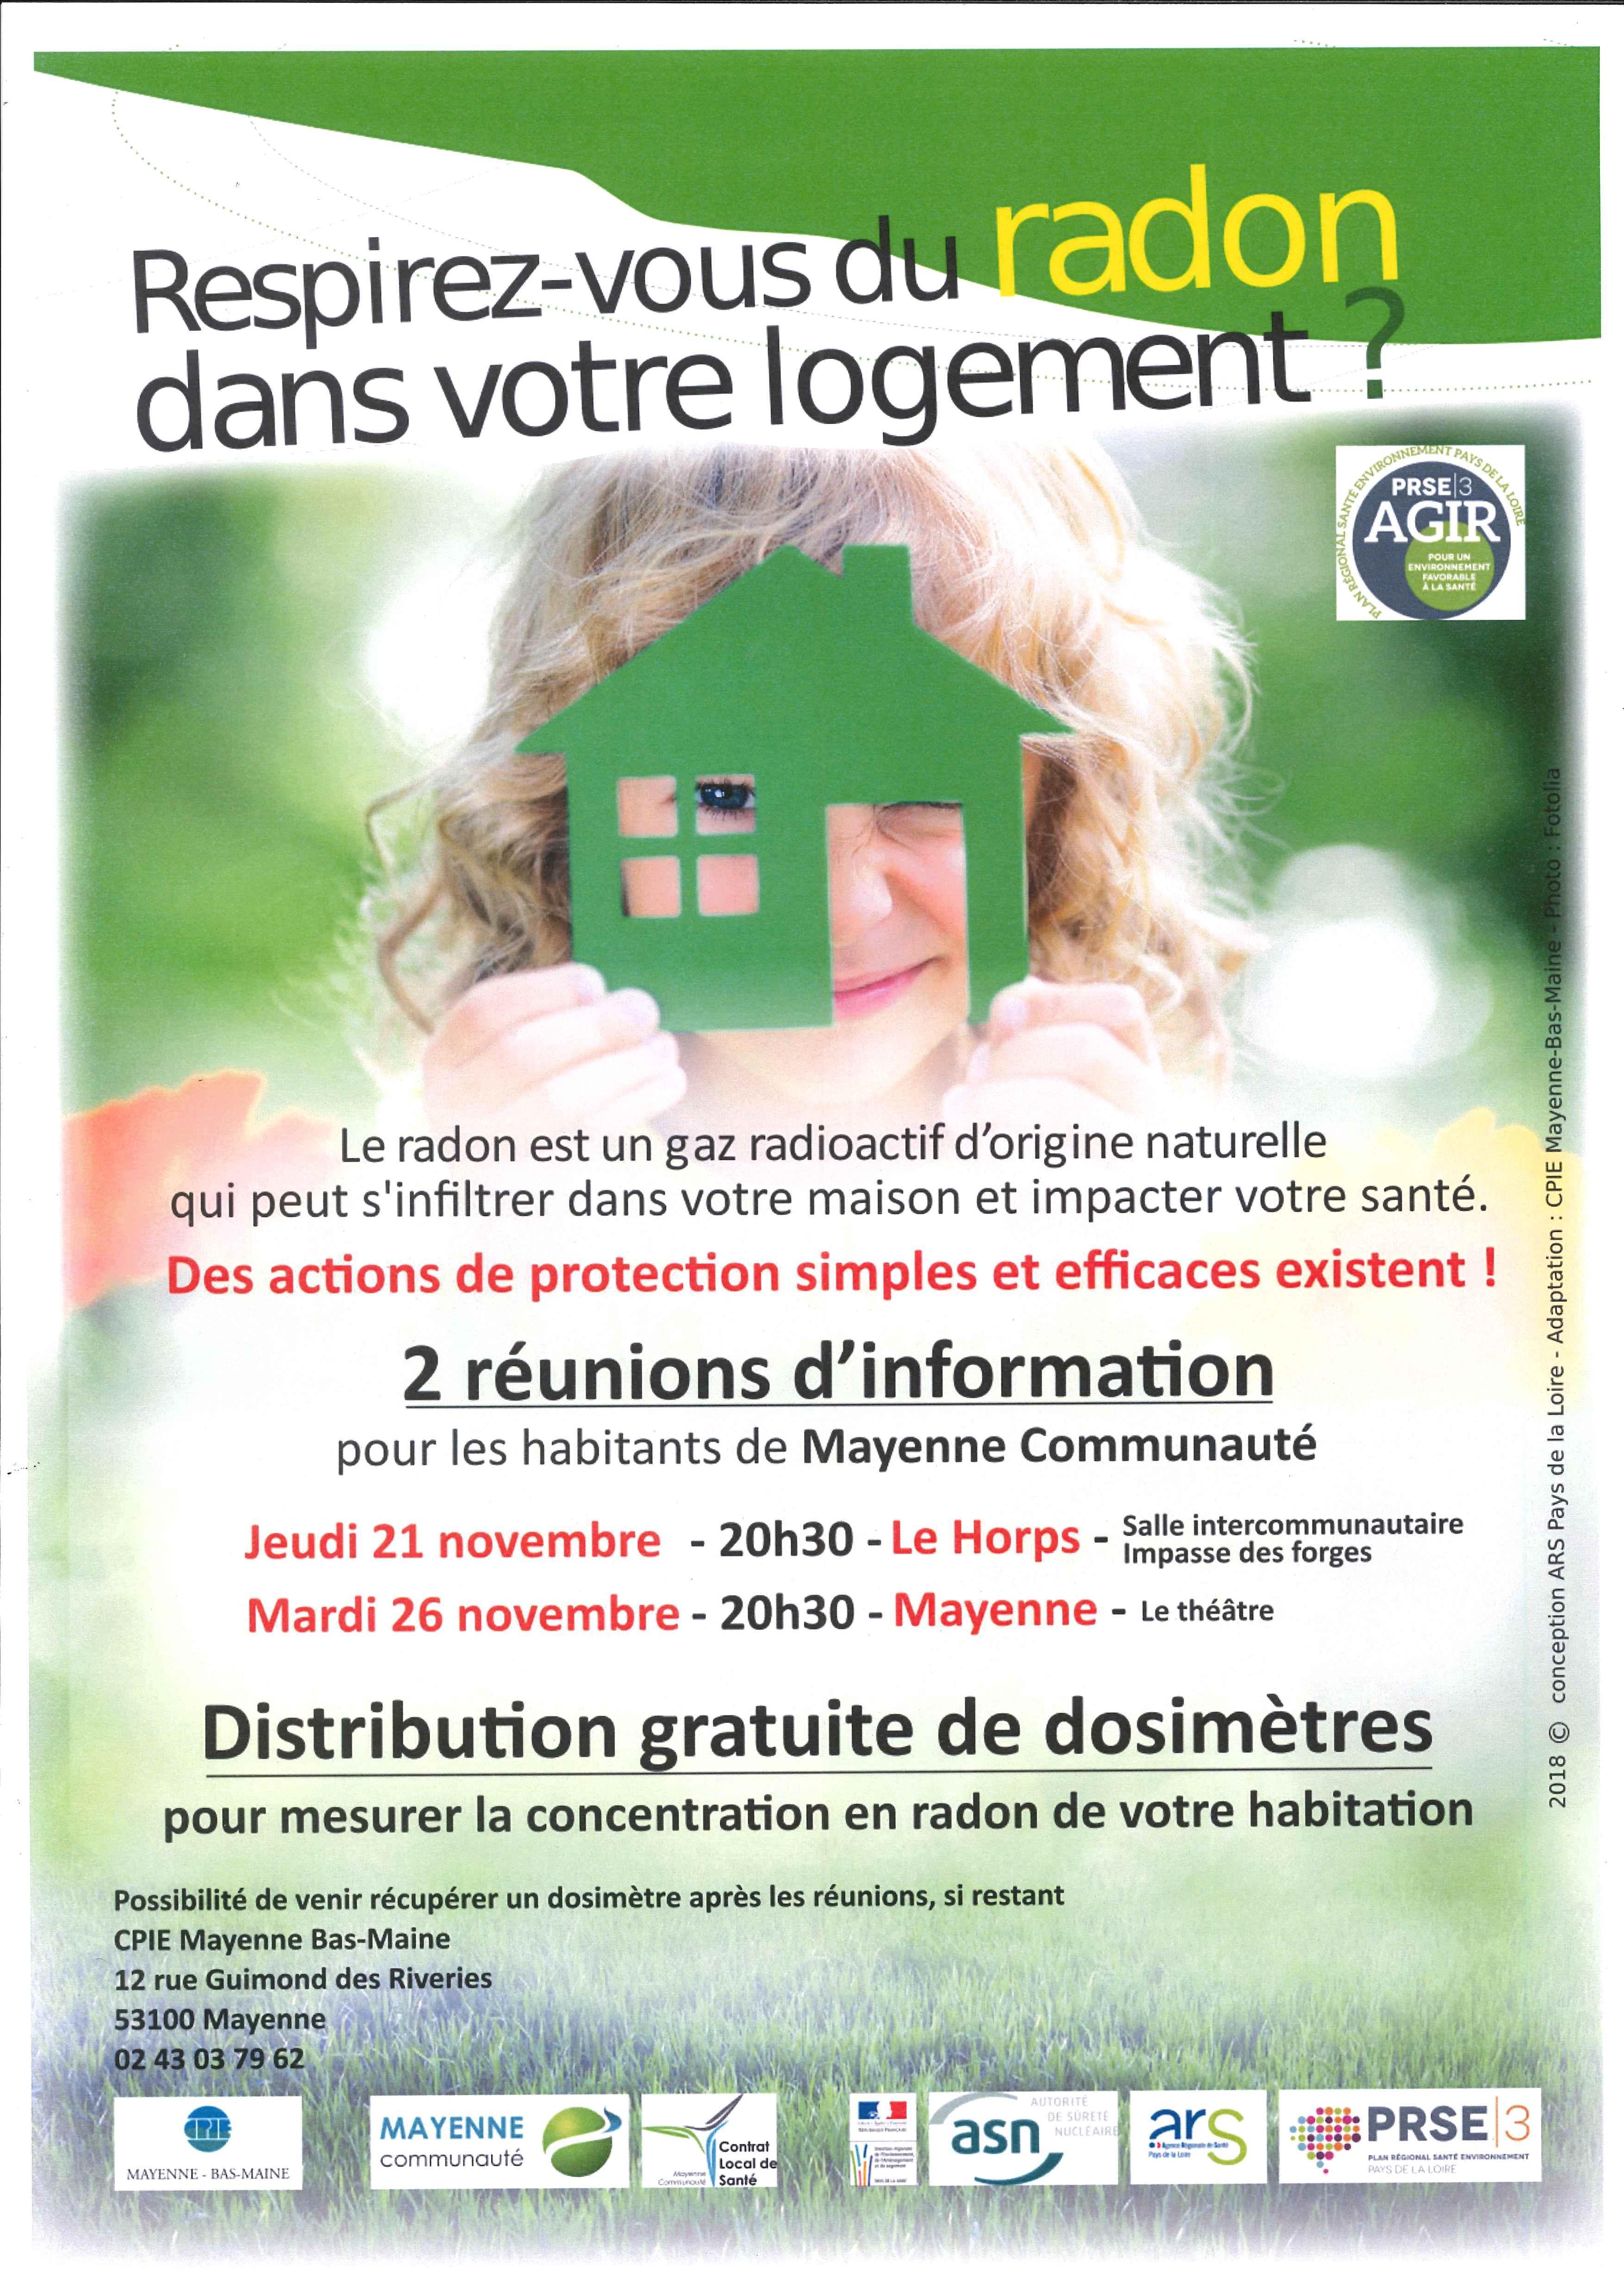 RADON - Respirez-vous du radon dans votre logement @ Le Théâtre